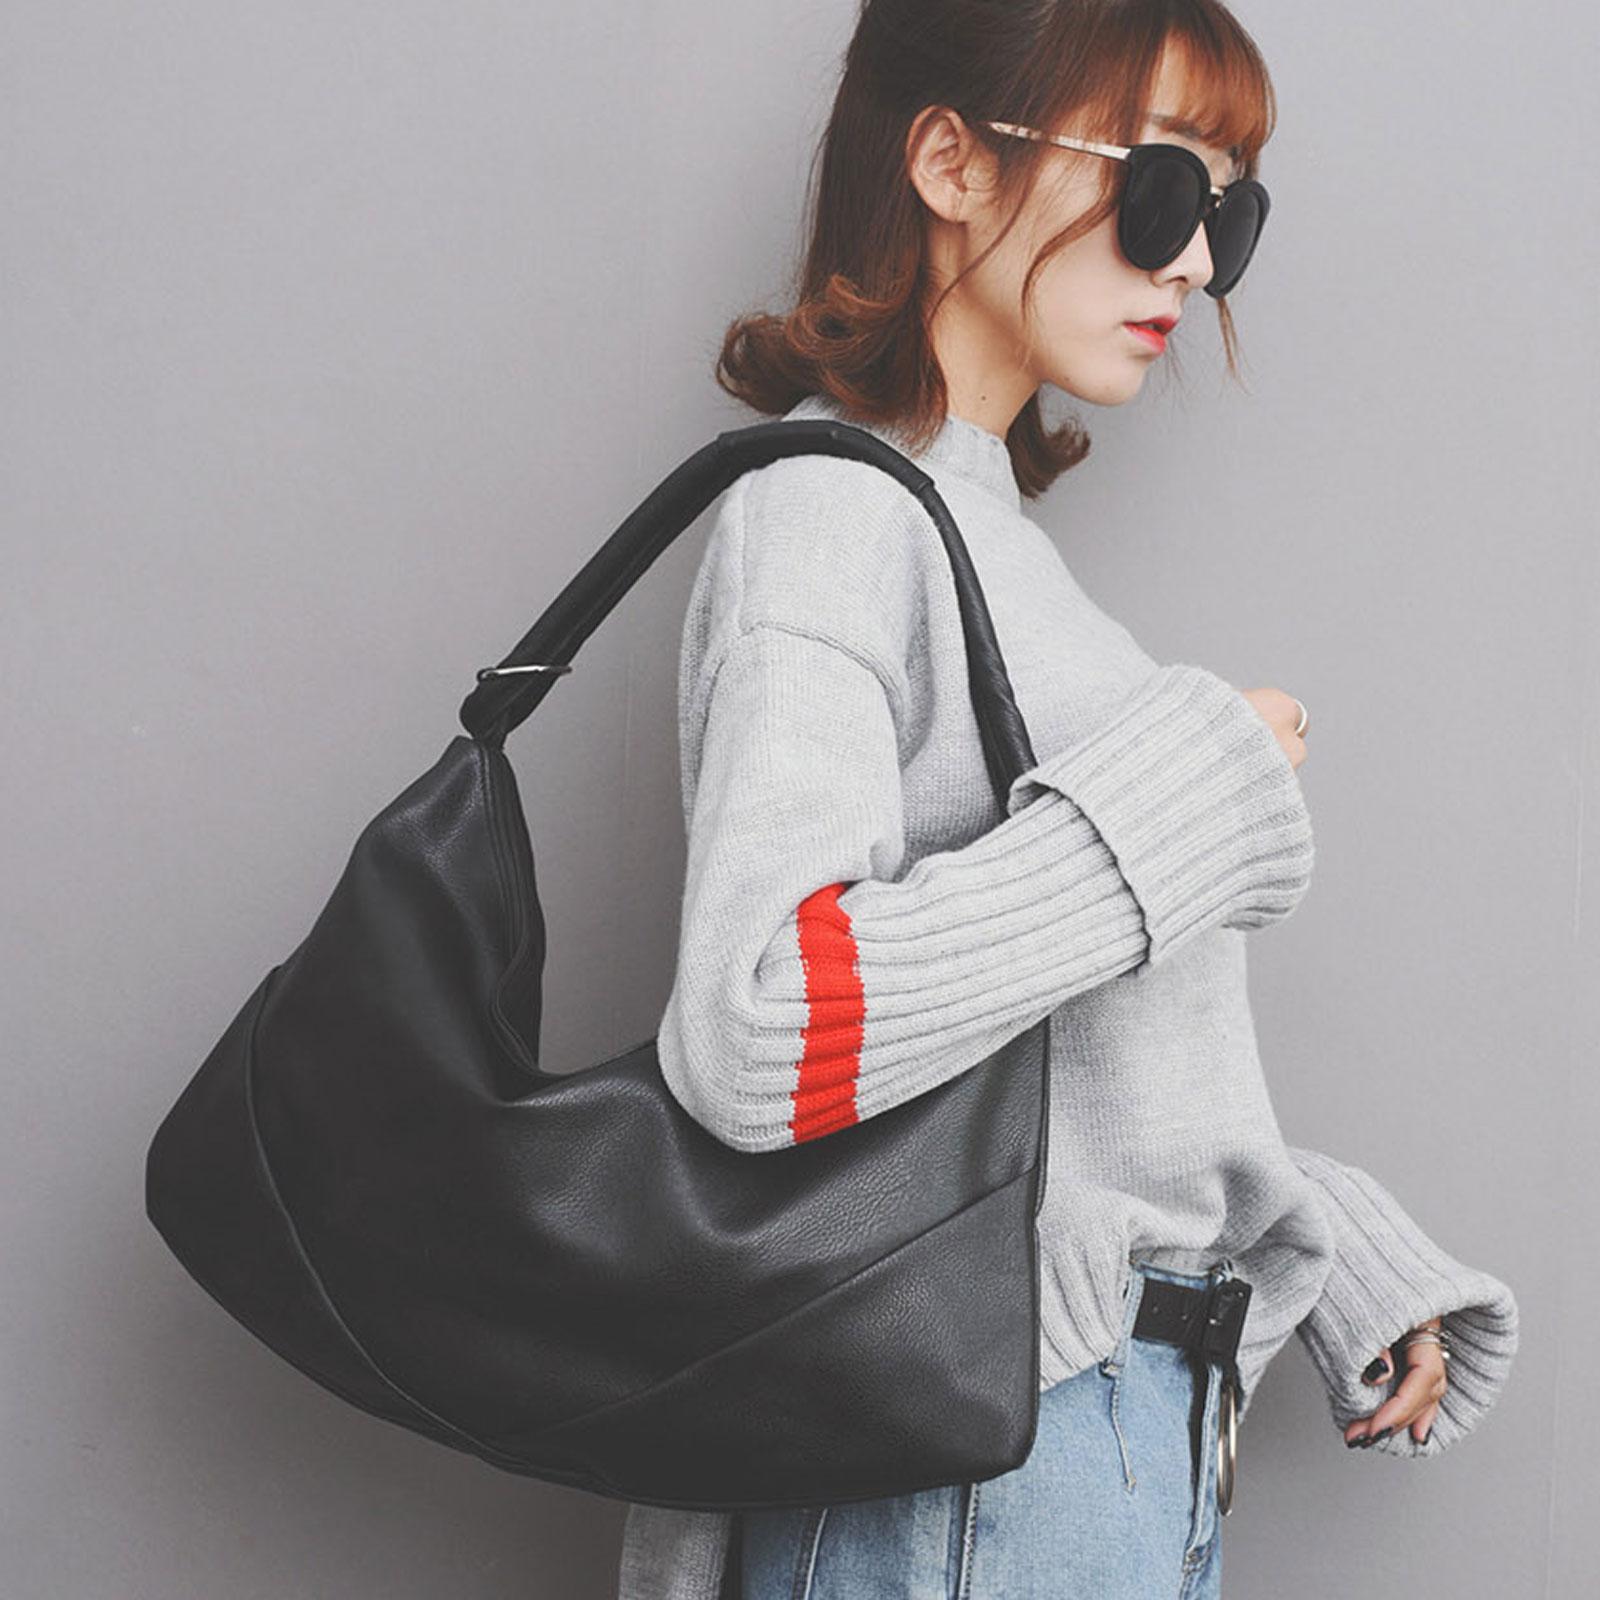 手提包 韓國時尚皮革水餃包肩背包【O3226】☆雙兒網☆ 1